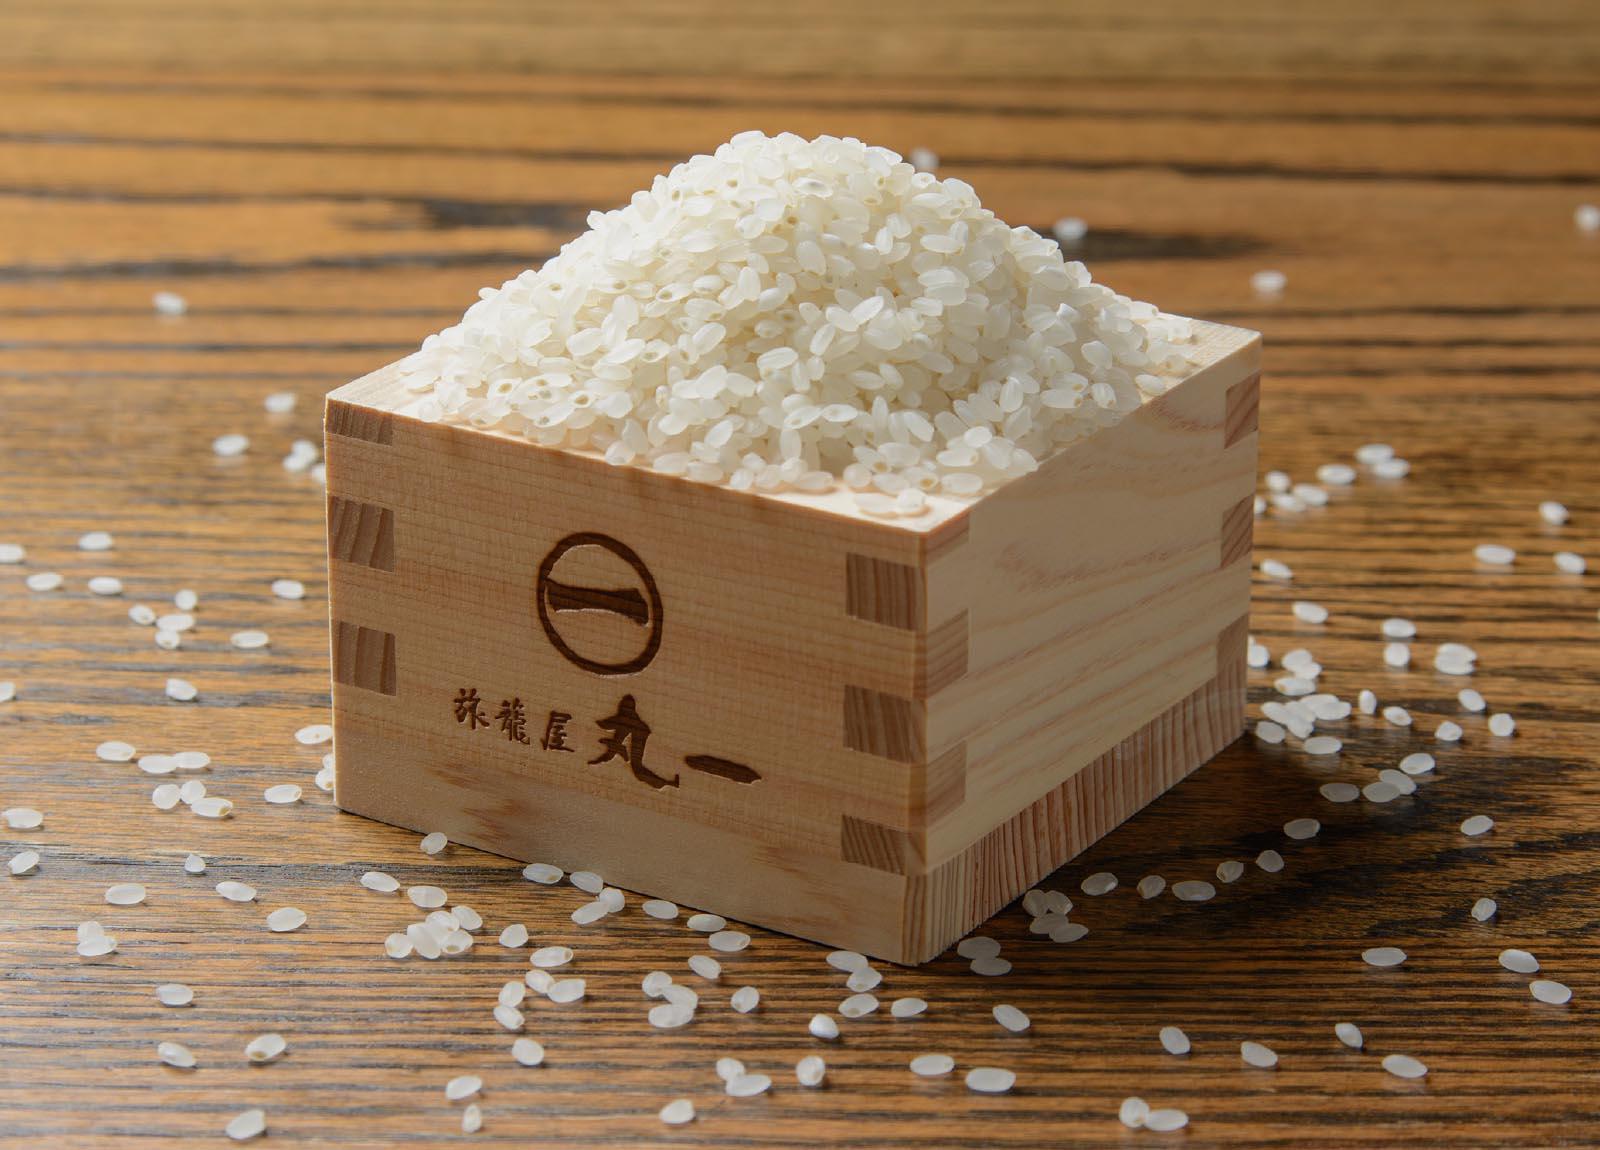 本多義光の米 写真